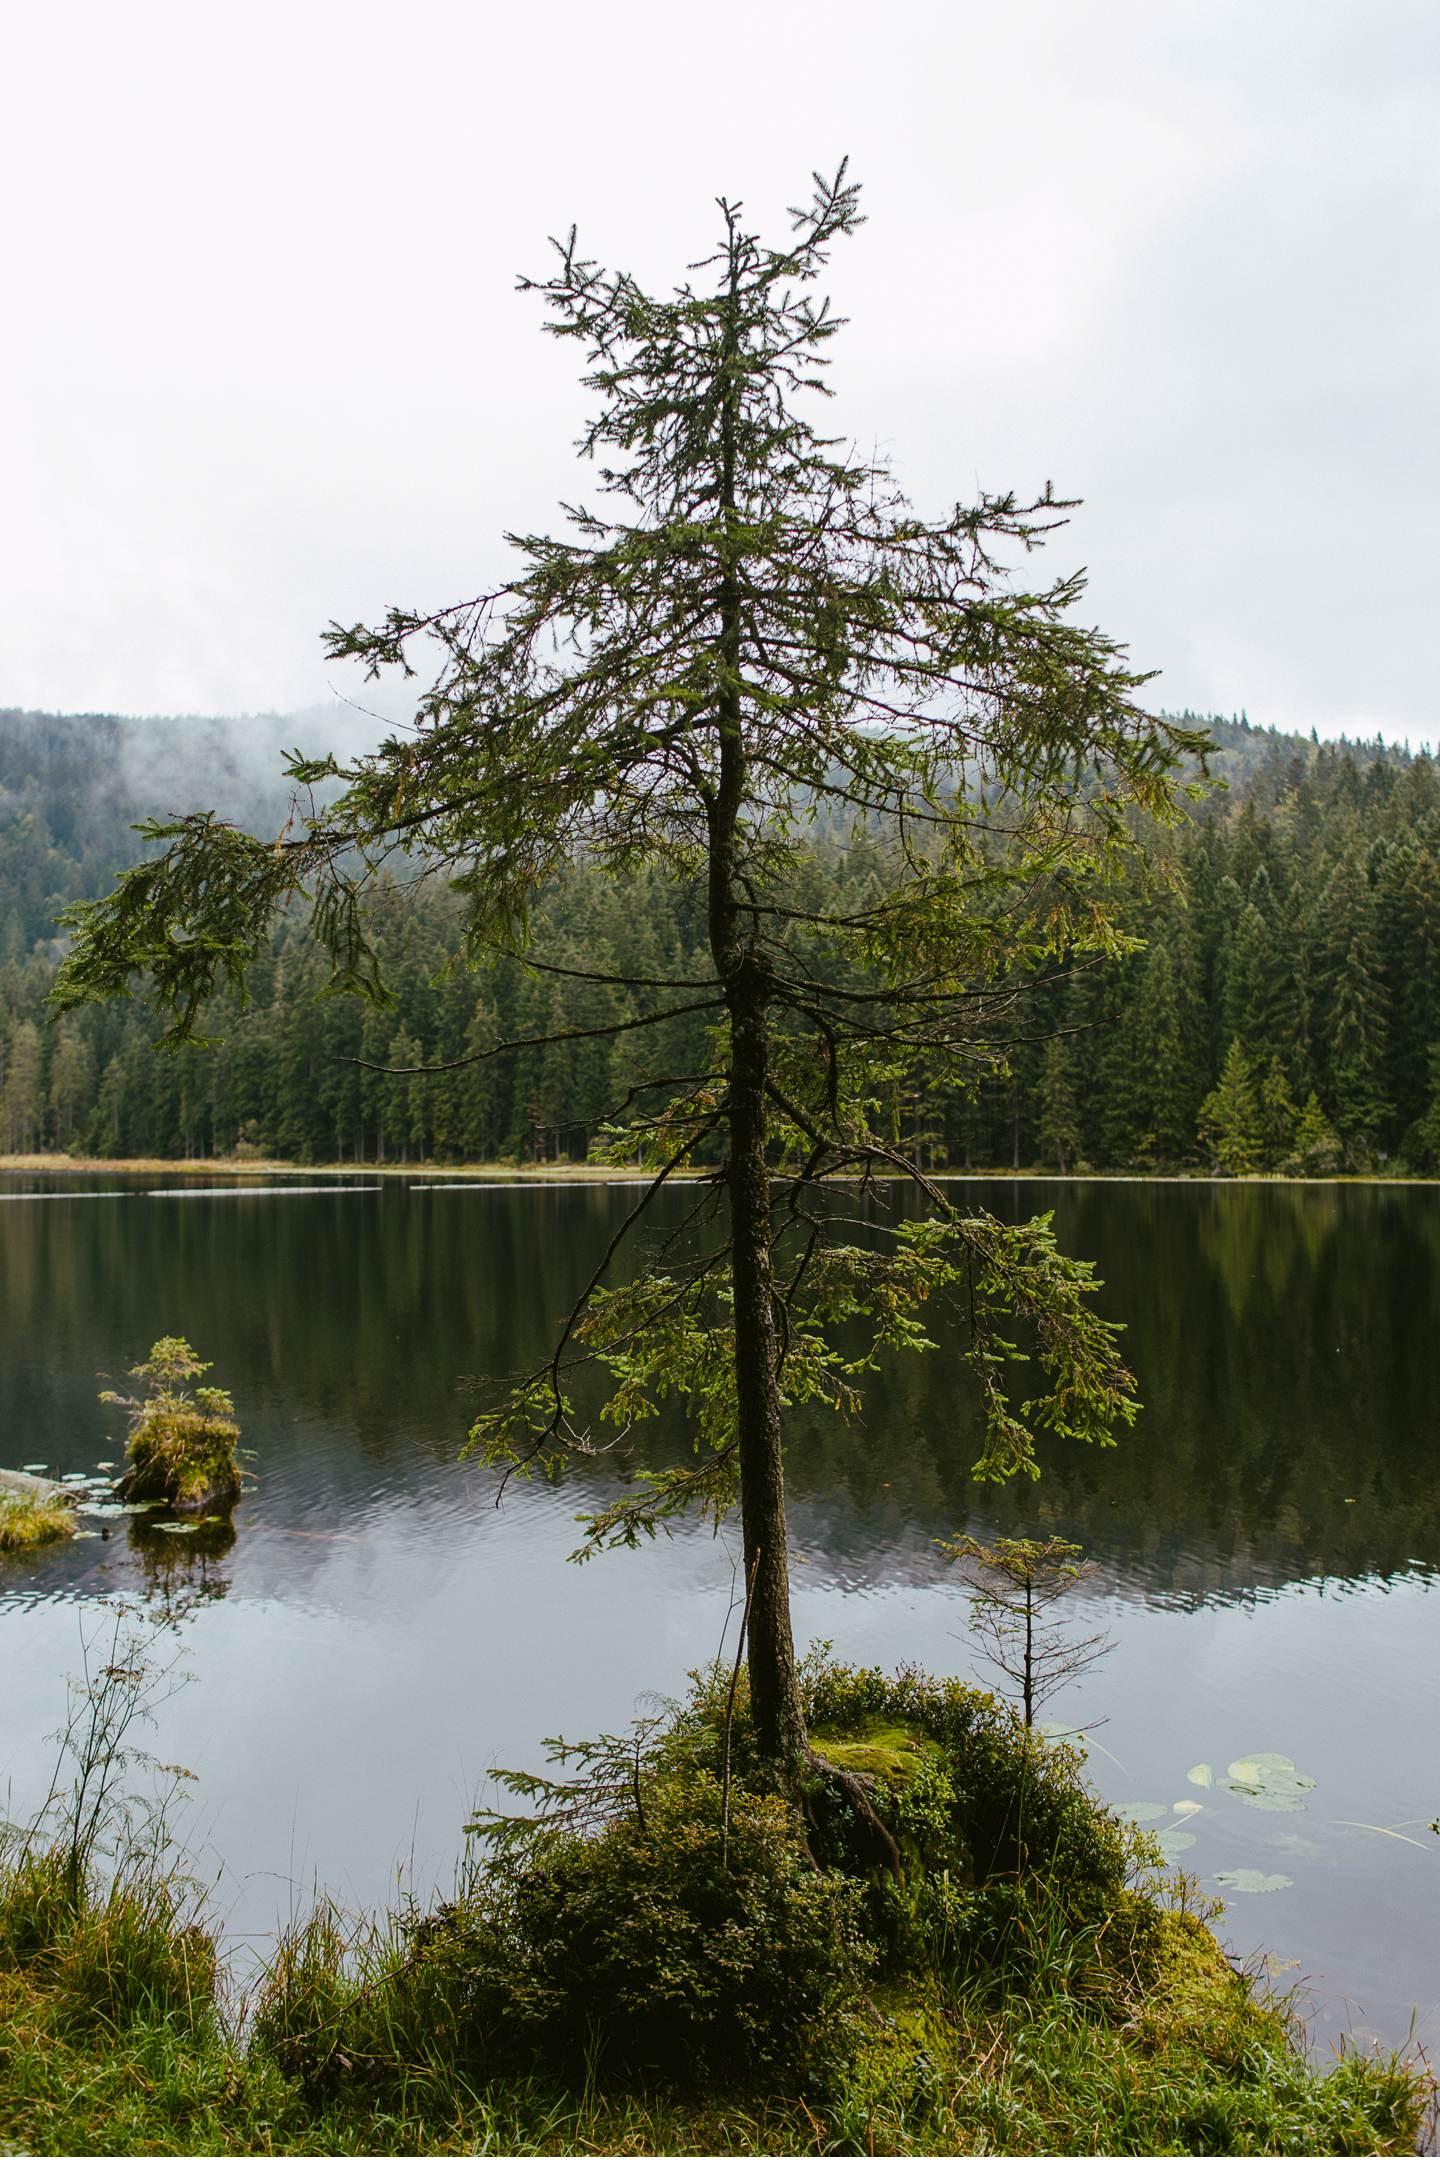 goldsteig-bayrischer-wald-top-trails-of-germany-64-von-70